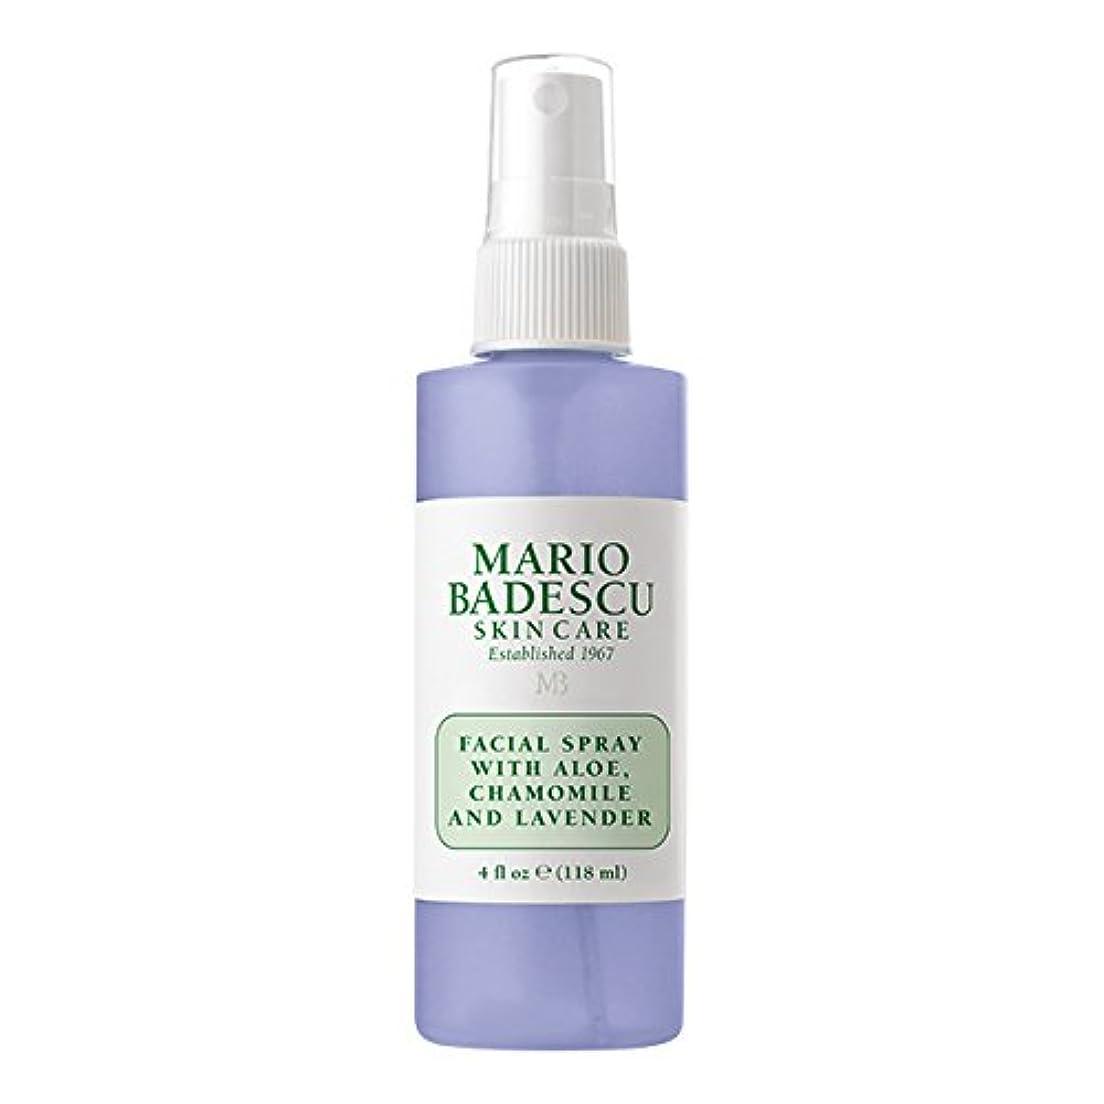 ロビーモールス信号レッスンマリオ バデスク Facial Spray With Aloe, Chamomile & Lavender 118ml/4oz並行輸入品